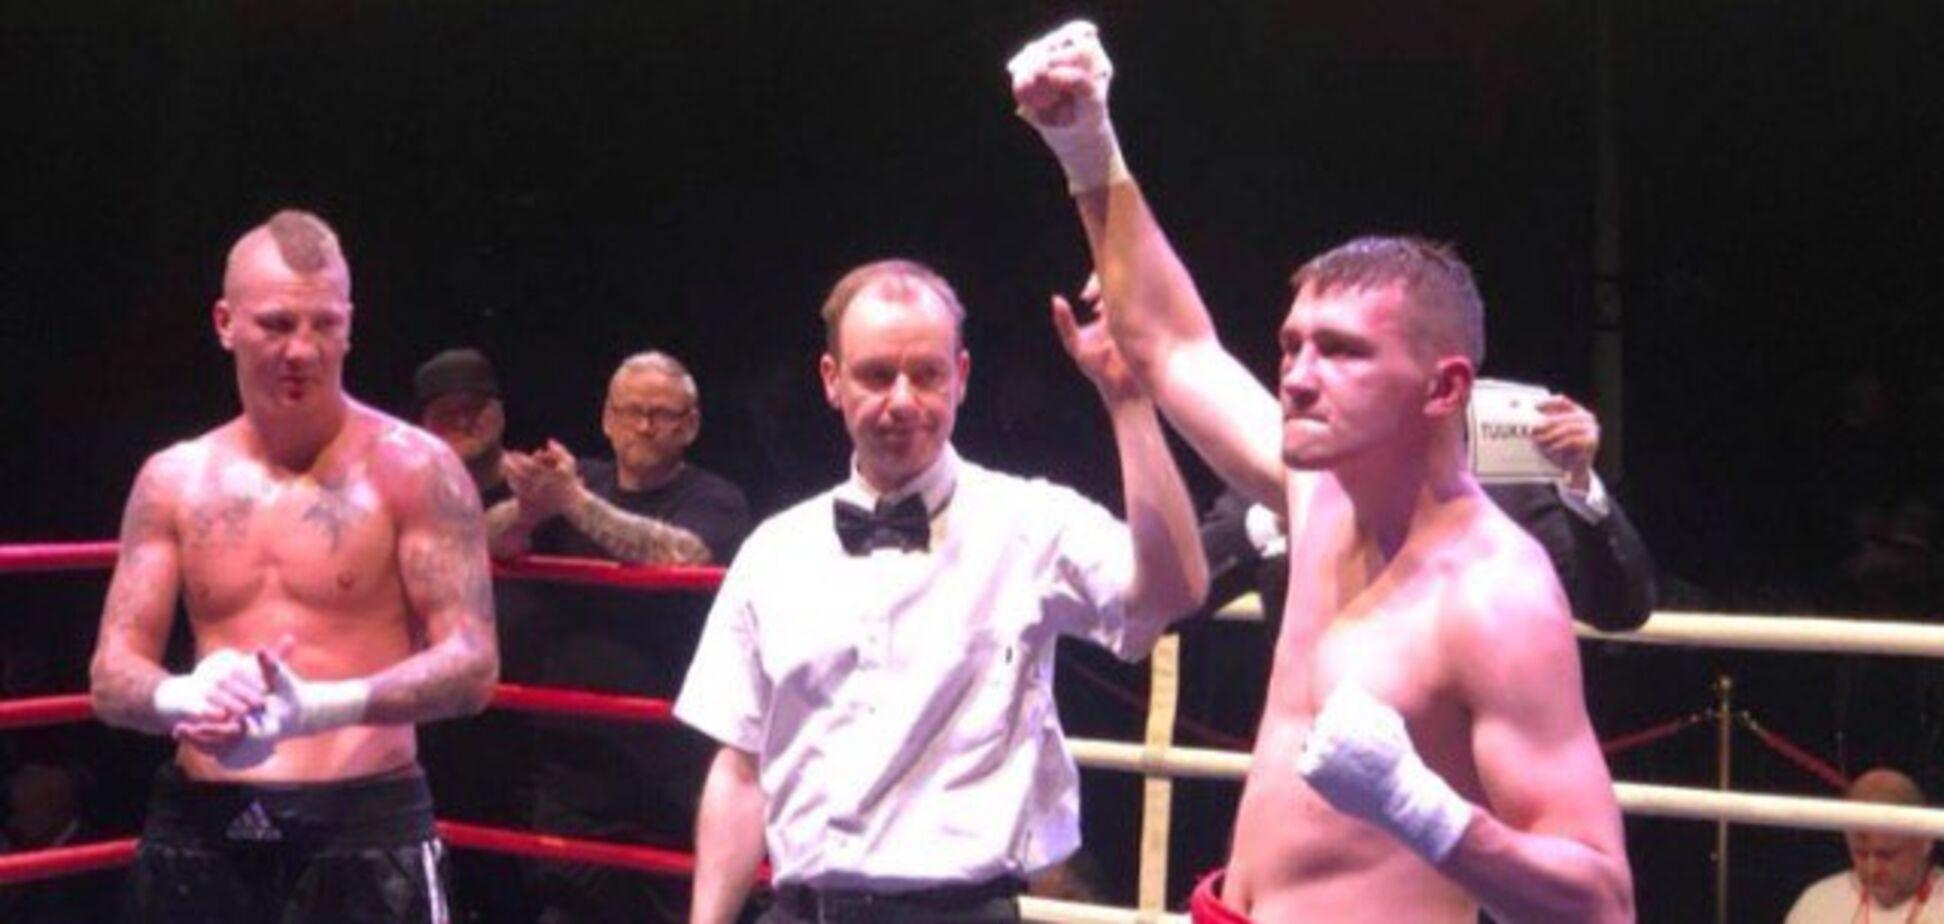 Известный украинский боксер добыл яркую победу нокаутом: опубликовано видео